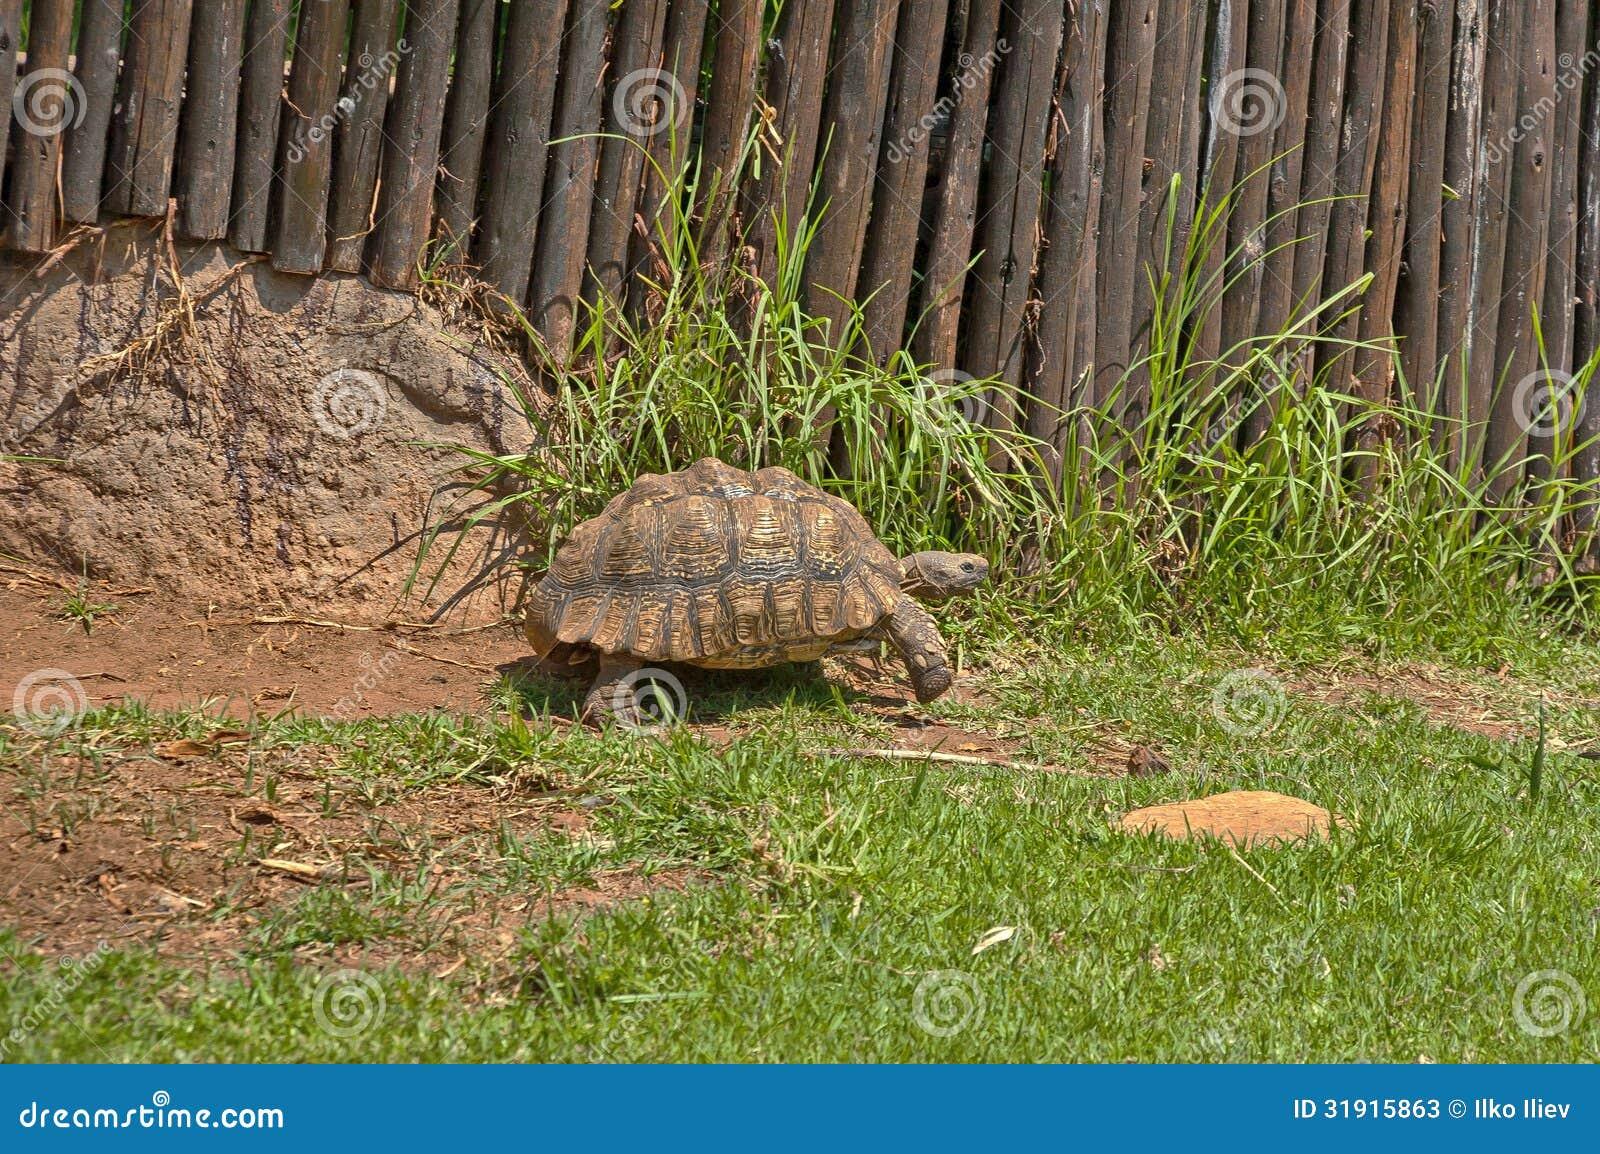 草龟在JHB动物园里慢慢地移动